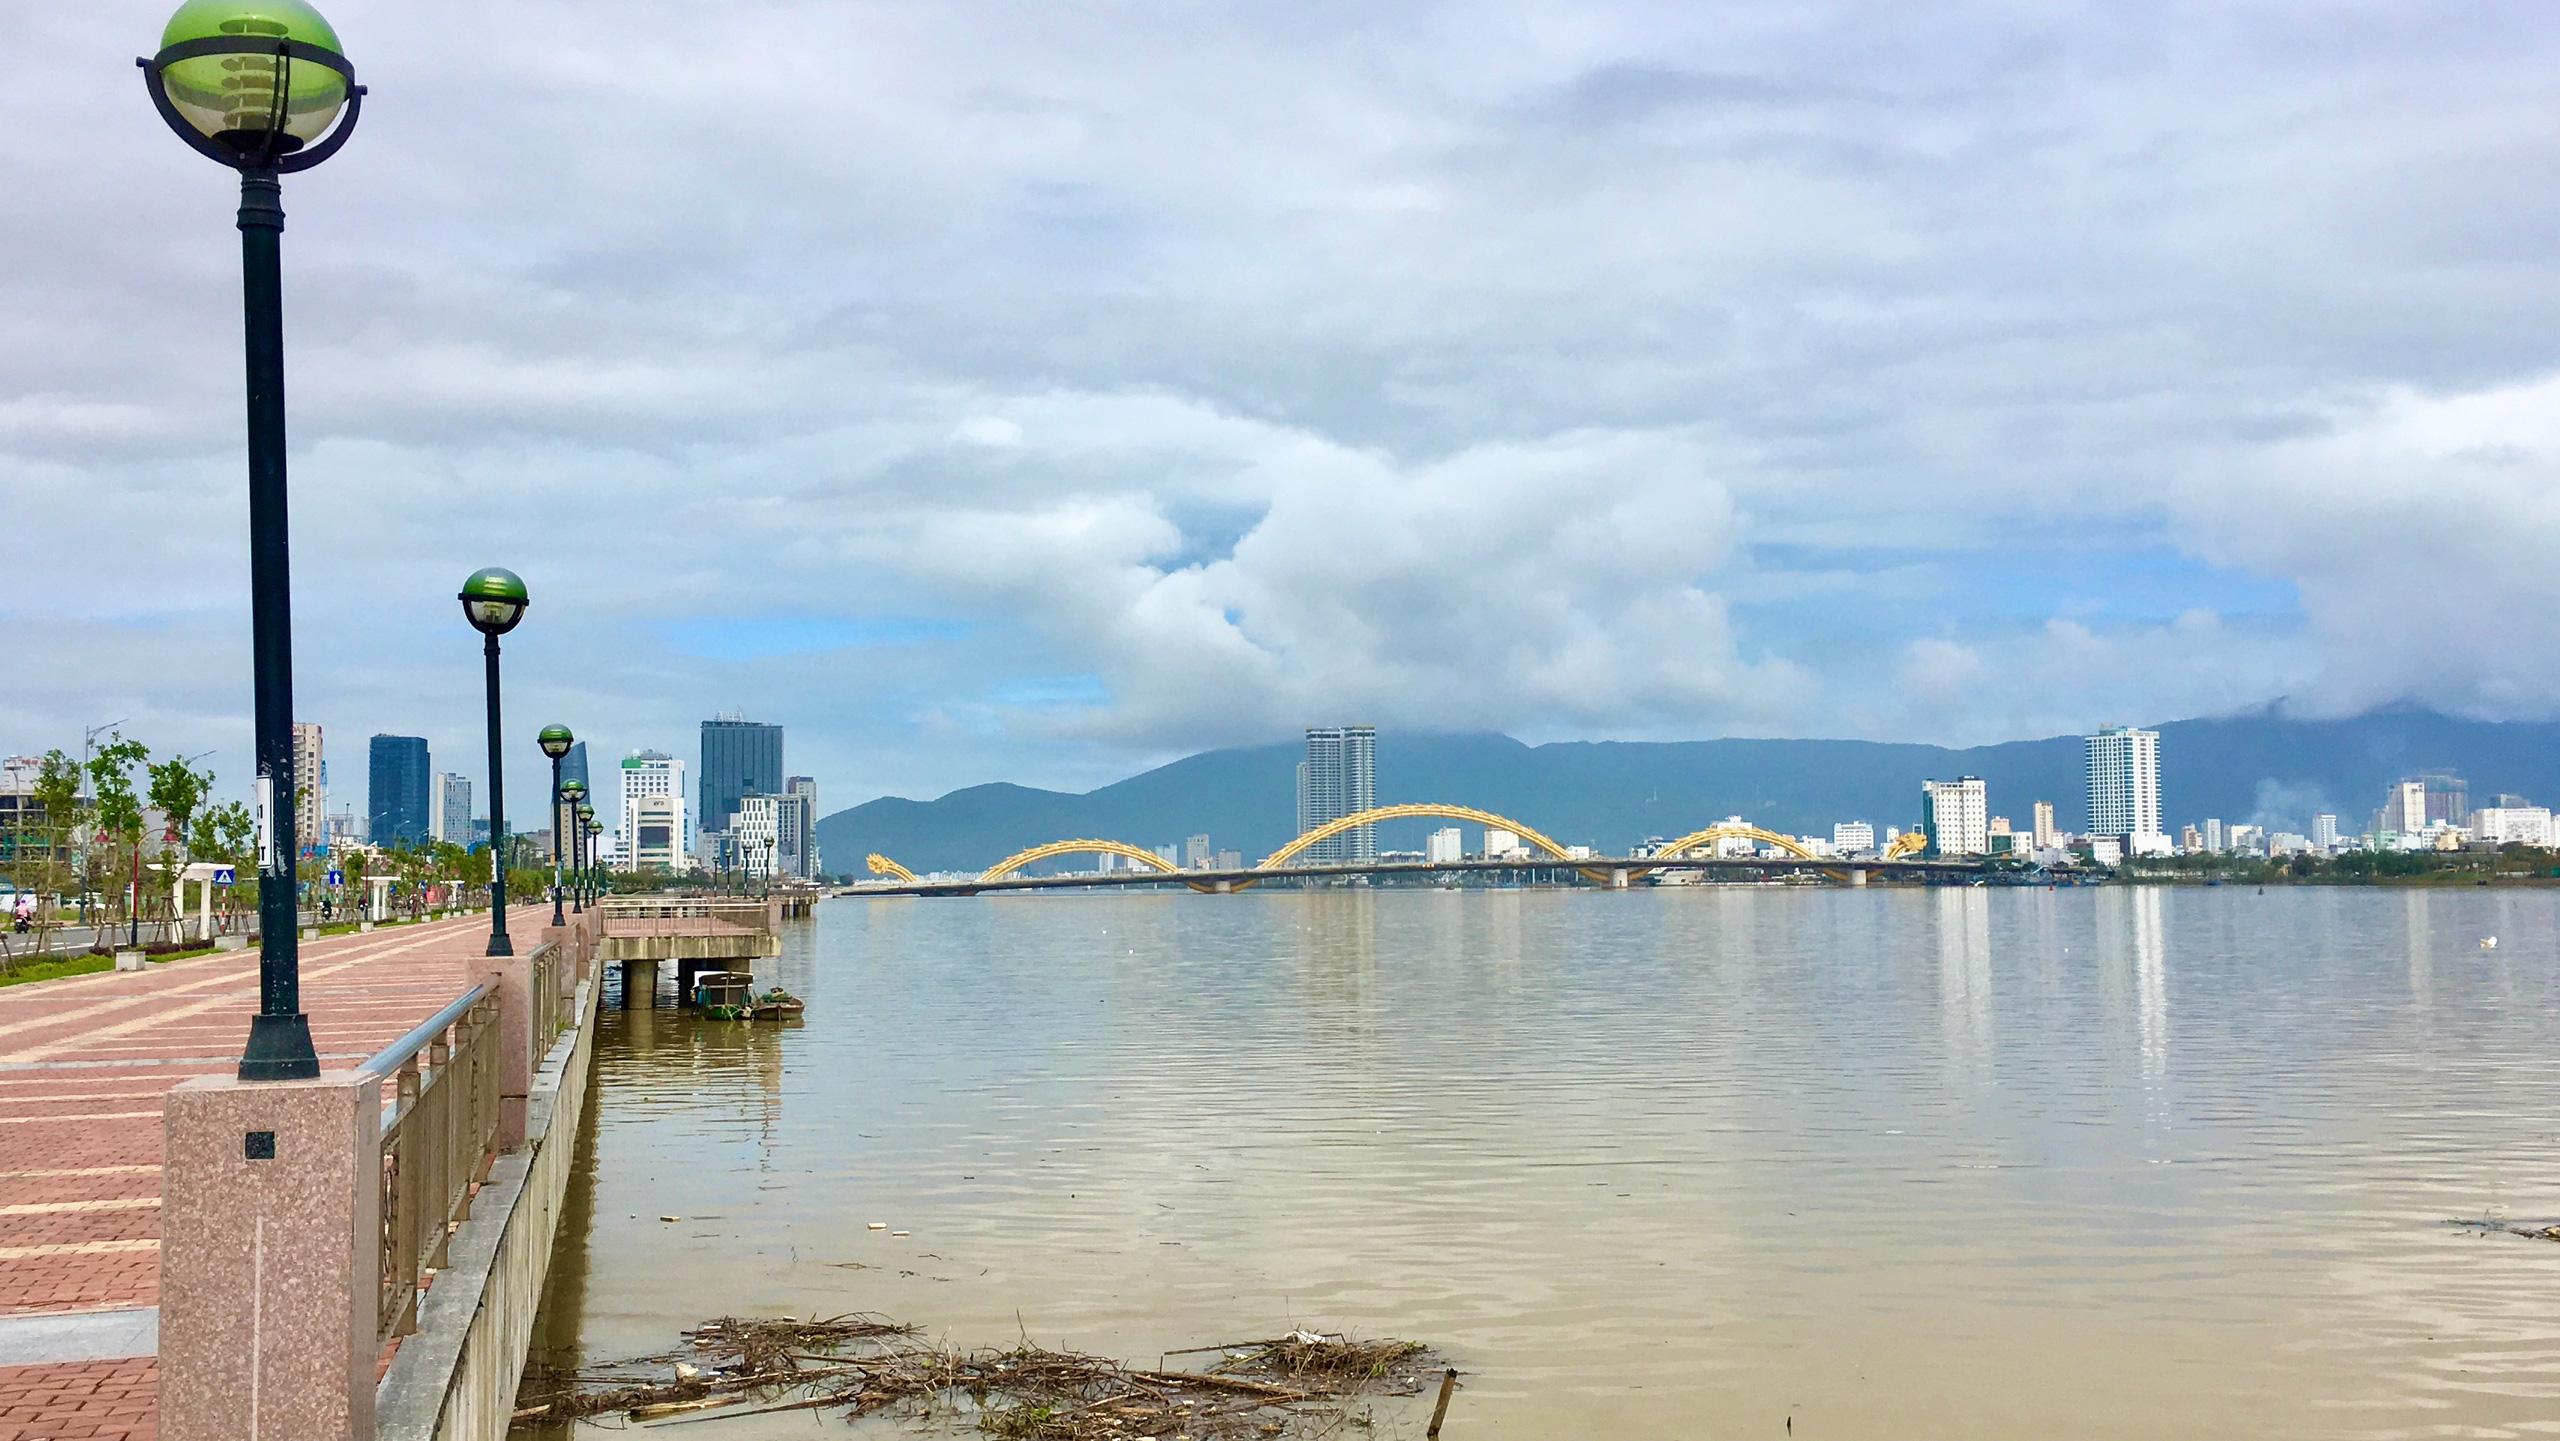 Hai vị trí ven sông Hàn Đà Nẵng kêu gọi đầu tư bến du thuyền quốc tế - Ảnh 3.